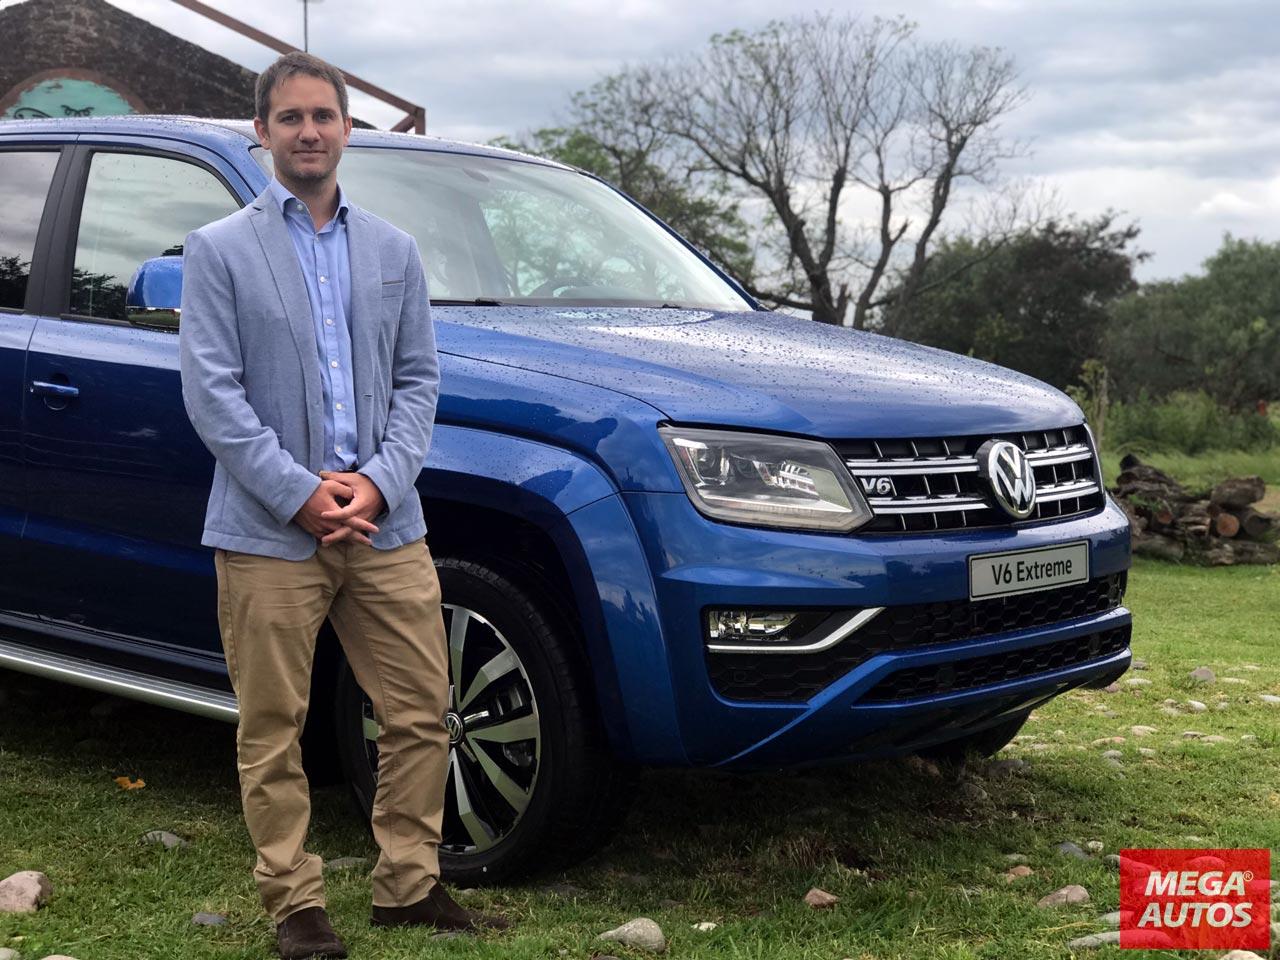 Nicolás Matavos, Brand Manager de Vehículos Comerciales de Volkswagen Argentina